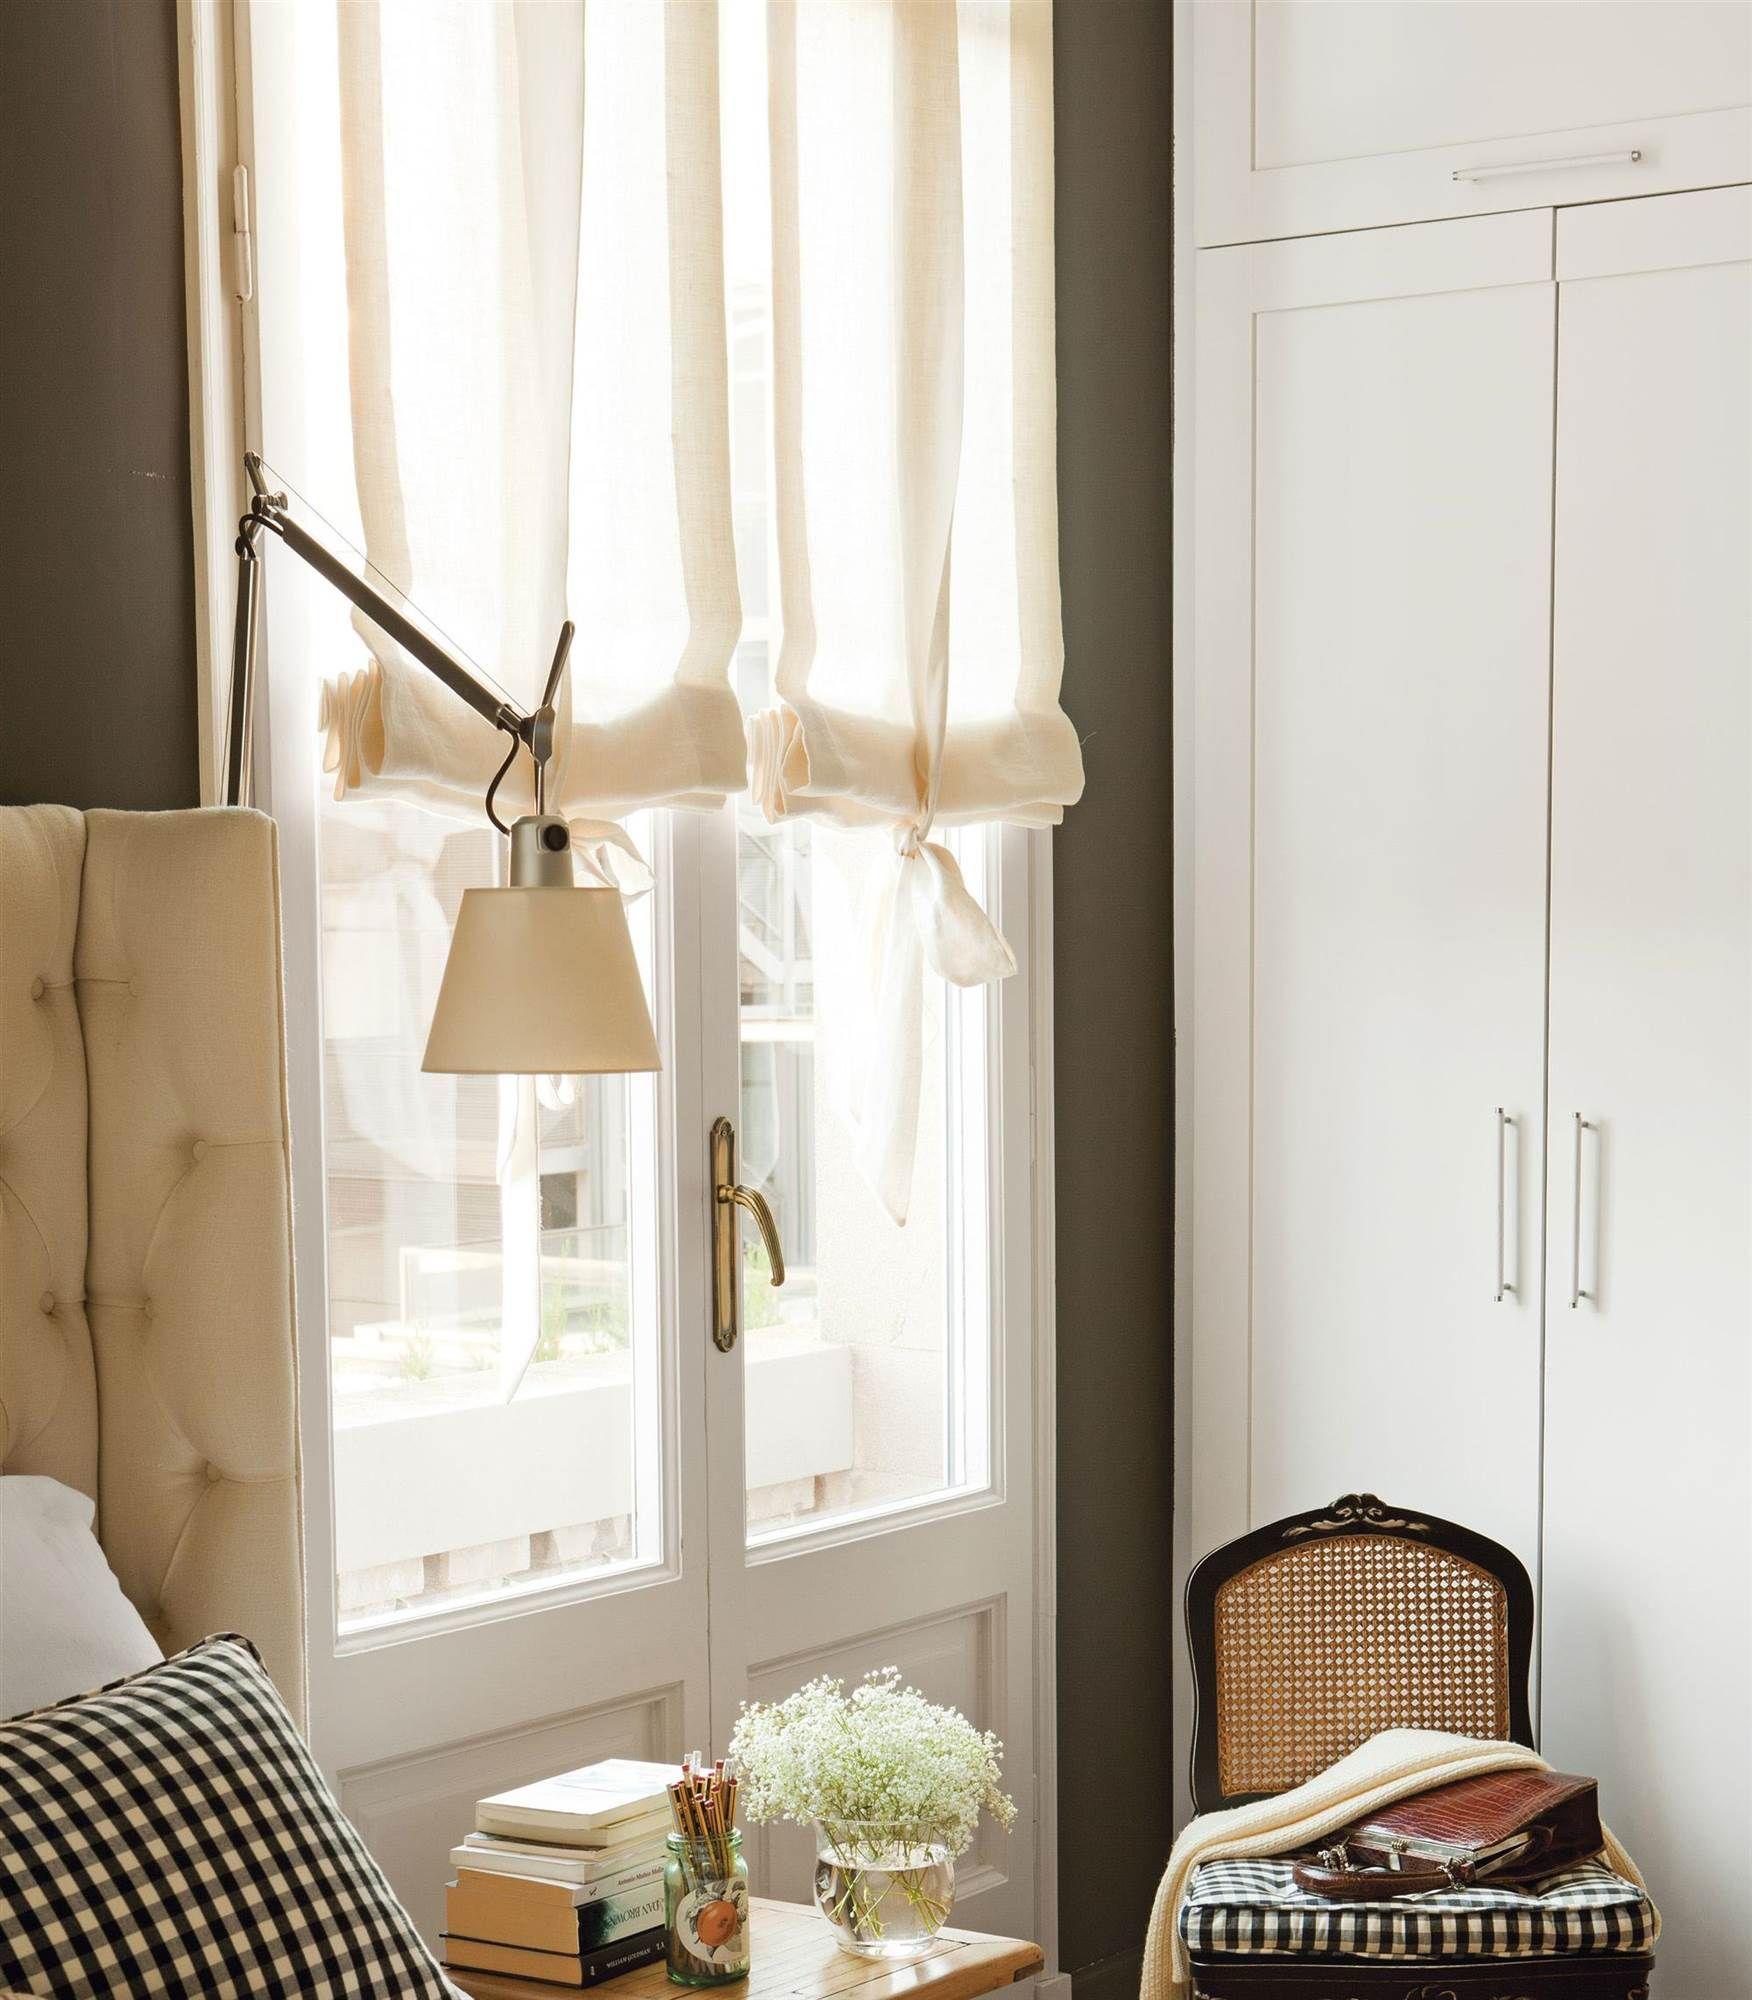 Estores con lazo 00397808 cortinas y estores pinterest cortinas cortinas estores y - Estores para banos ...